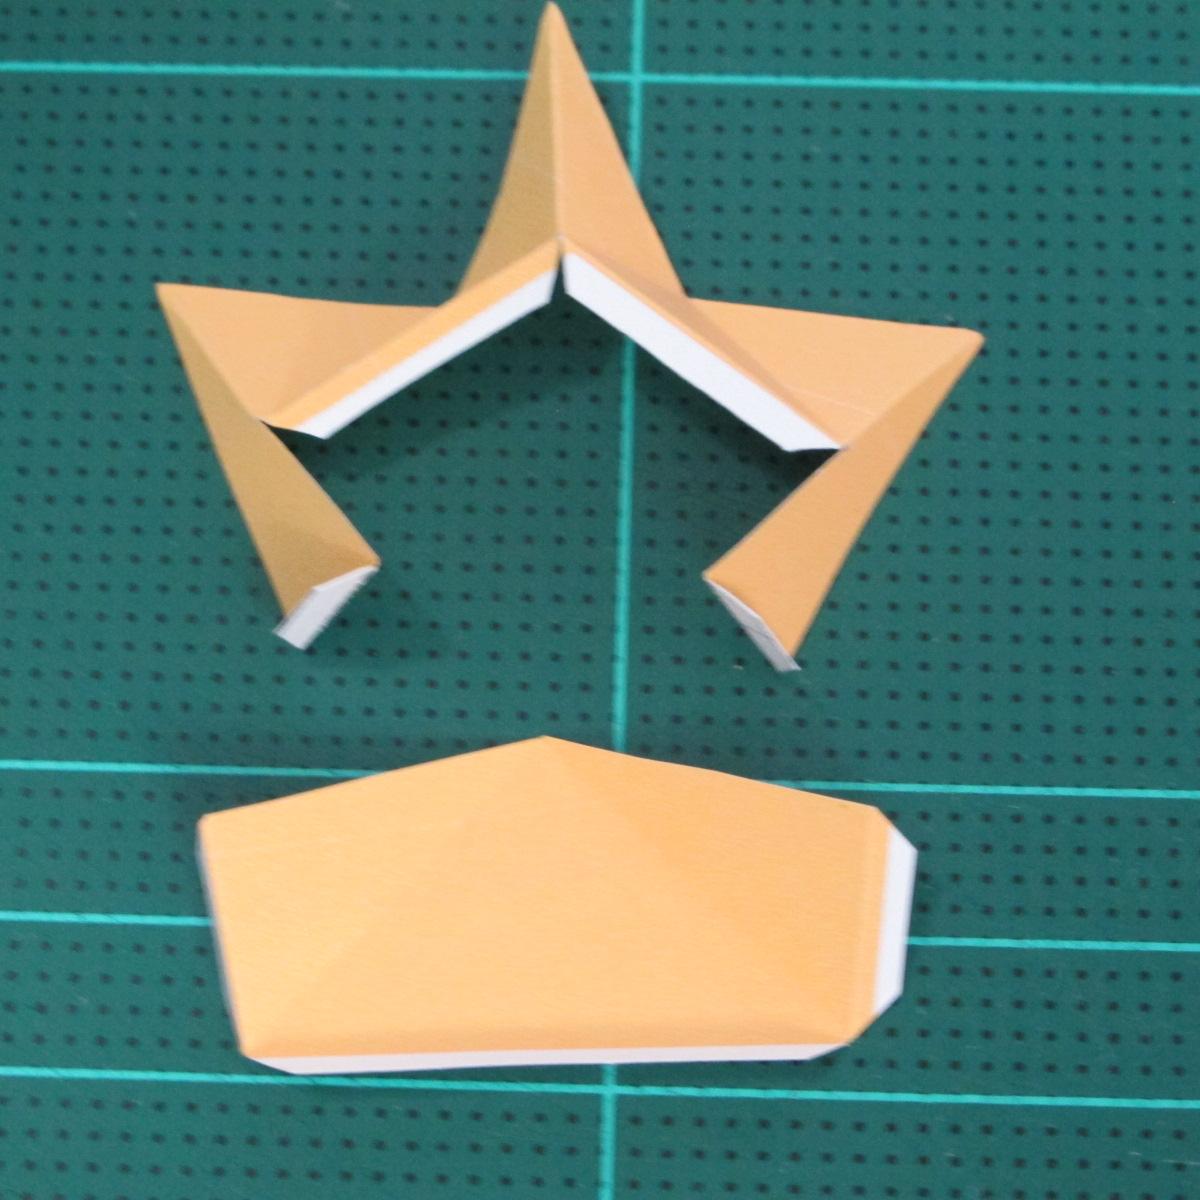 วิธีทำโมเดลกระดาษตุ้กตาสัตว์เลี้ยง หยดทองจากเกมส์ คุกกี้รัน (LINE Cookie Run Gold Drop Papercraft Model - クッキーラン  「黄金ドロップ」 ペーパークラフト) 007